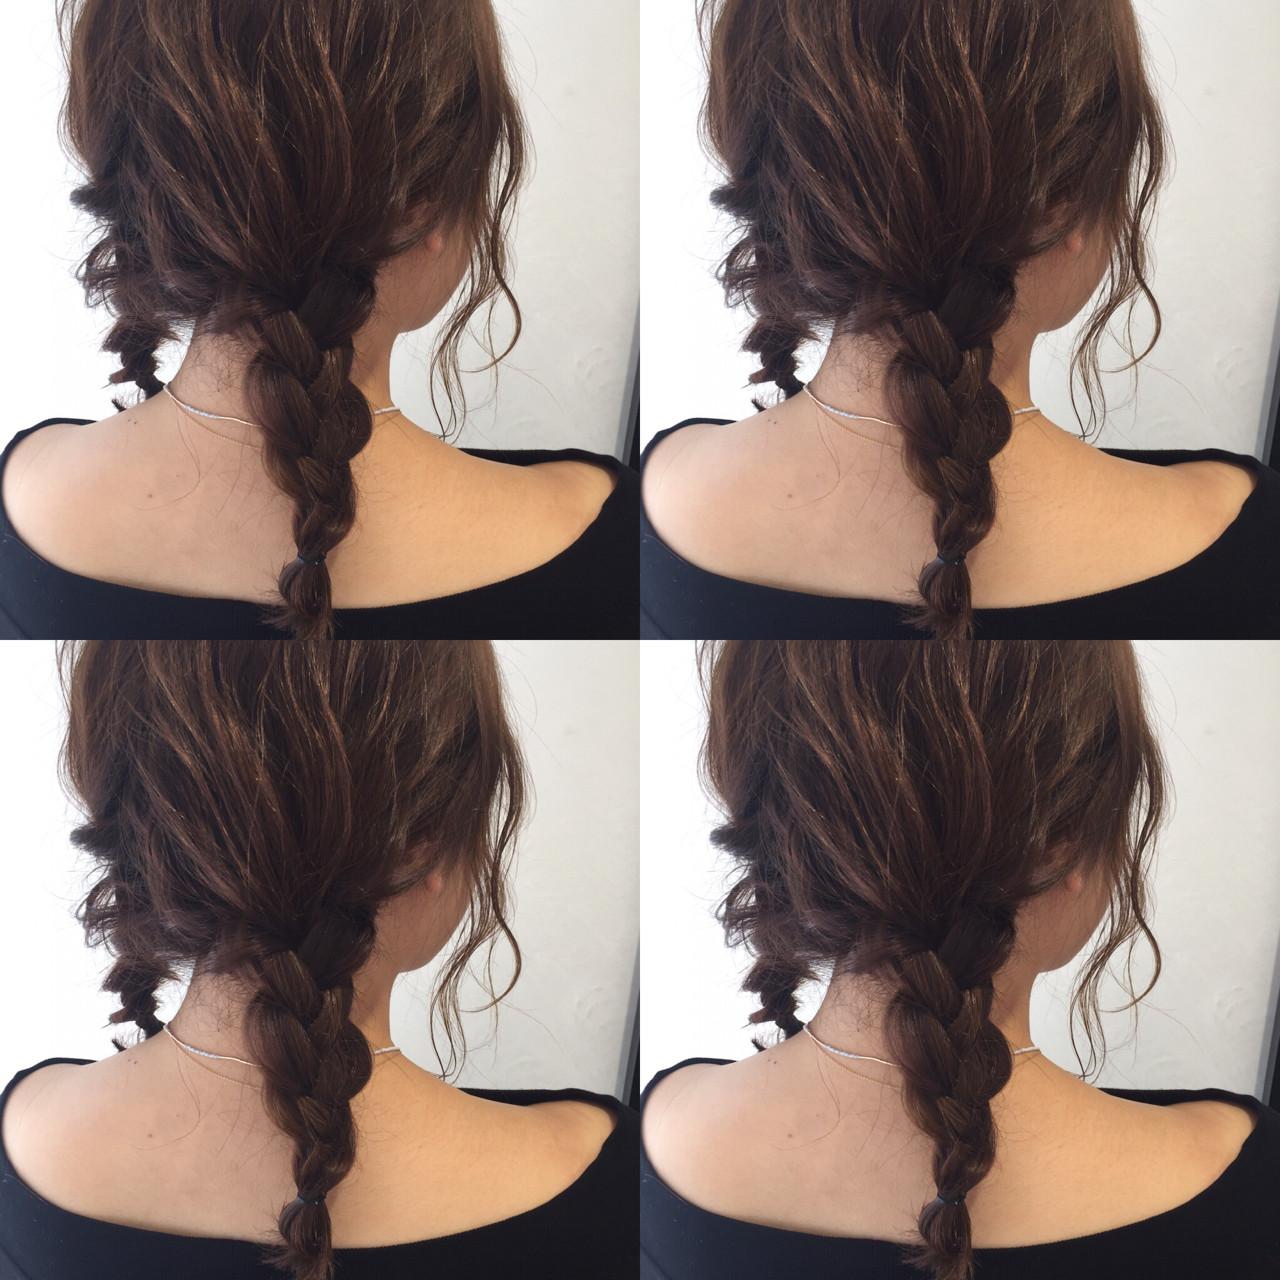 ミディアム ショート 三つ編み 簡単ヘアアレンジ ヘアスタイルや髪型の写真・画像